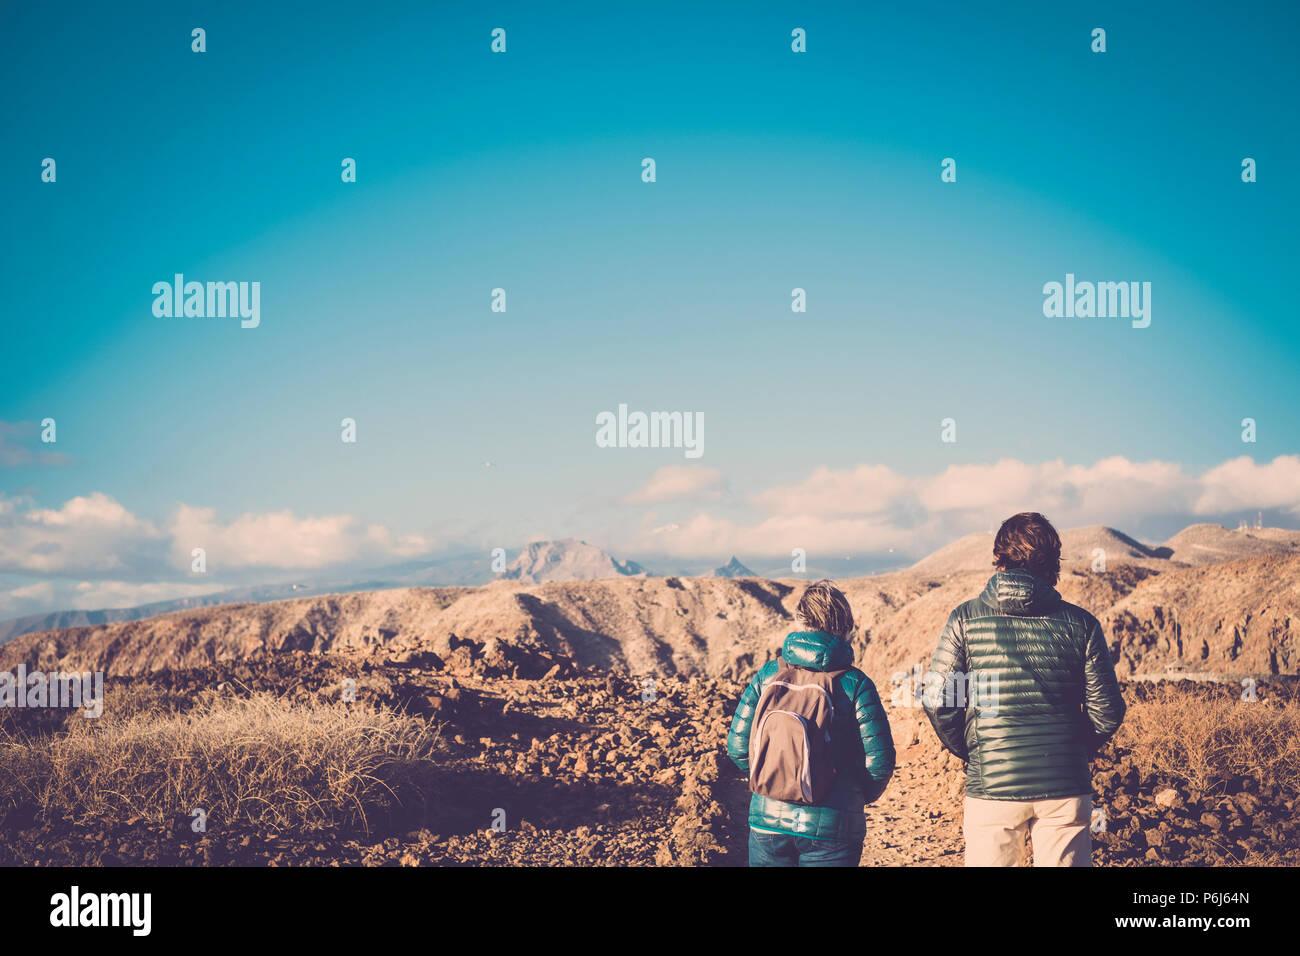 Senior e madre di 45 anno vecchio figlio trascorrere del tempo insieme a piedi su un percorso isolato facendo qualche attività di trekking sulle montagne durante l'estate in un sun Immagini Stock